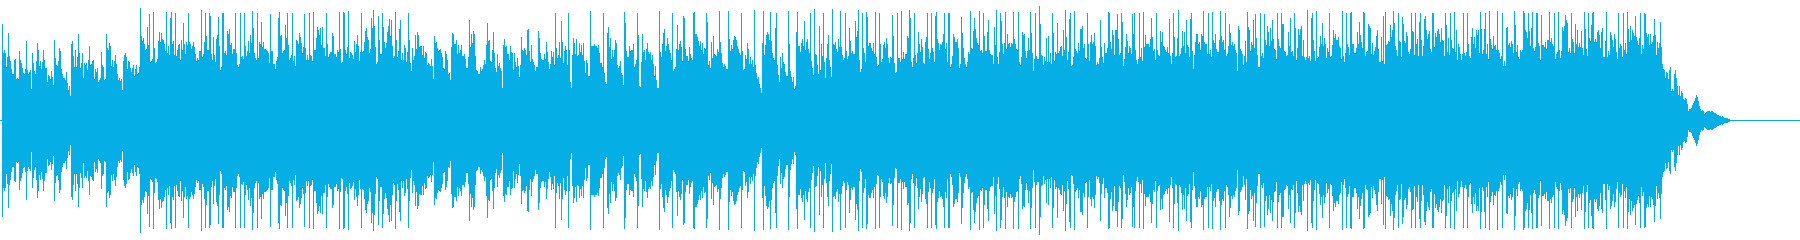 感動シーンに最適なギターポップの再生済みの波形